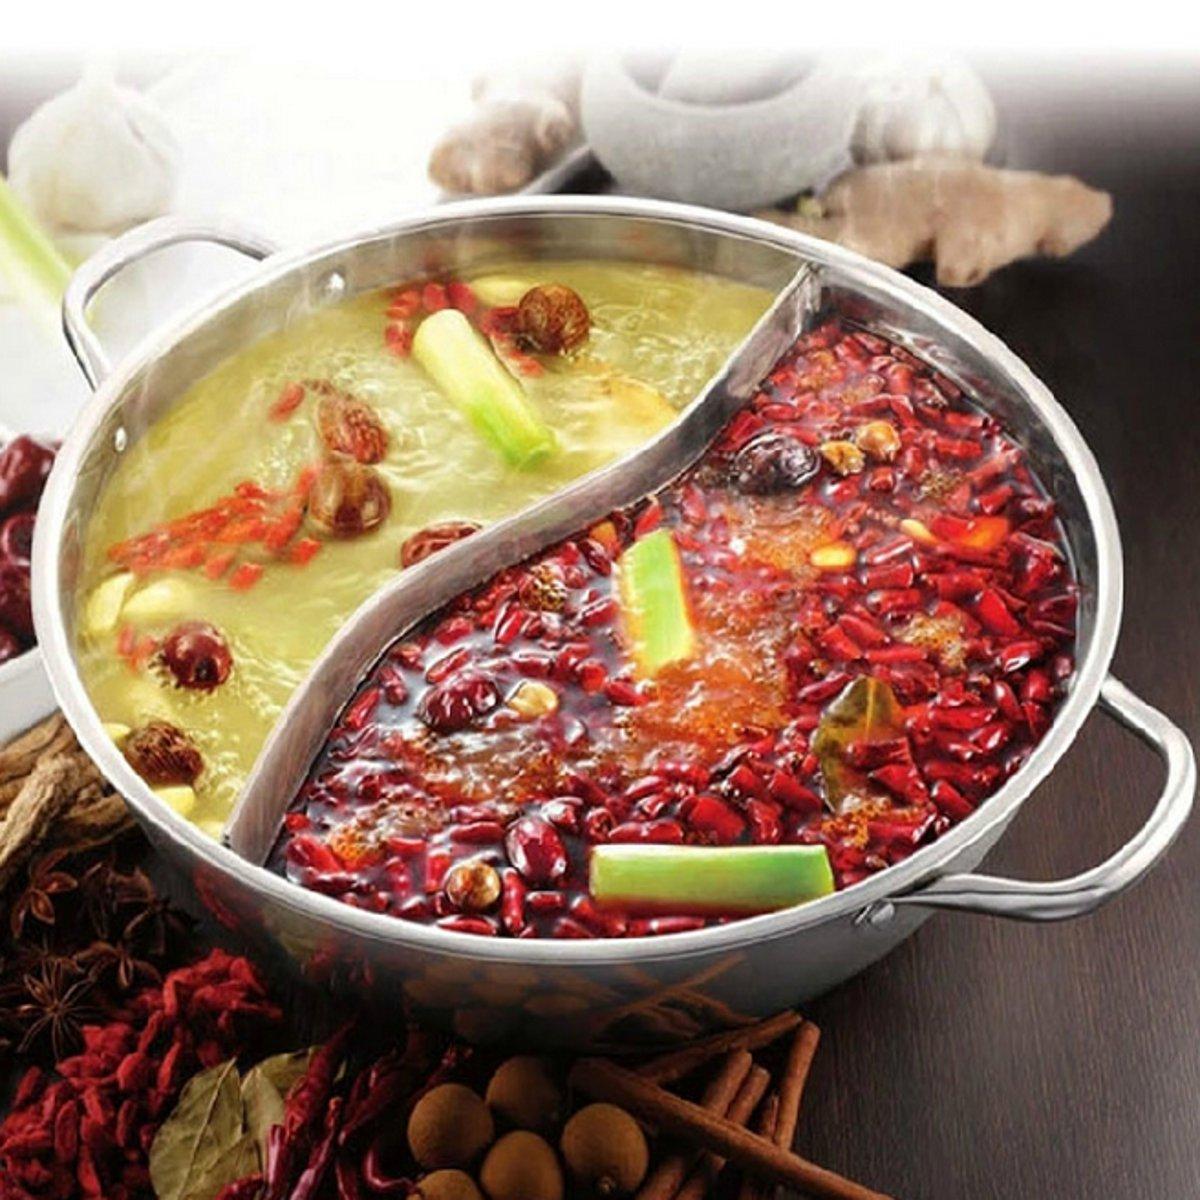 Кастрюля из нержавеющей стали, кастрюля для приготовления пищи, газовая плита, совместимая кастрюля, домашняя кухонная посуда, кастрюля для...